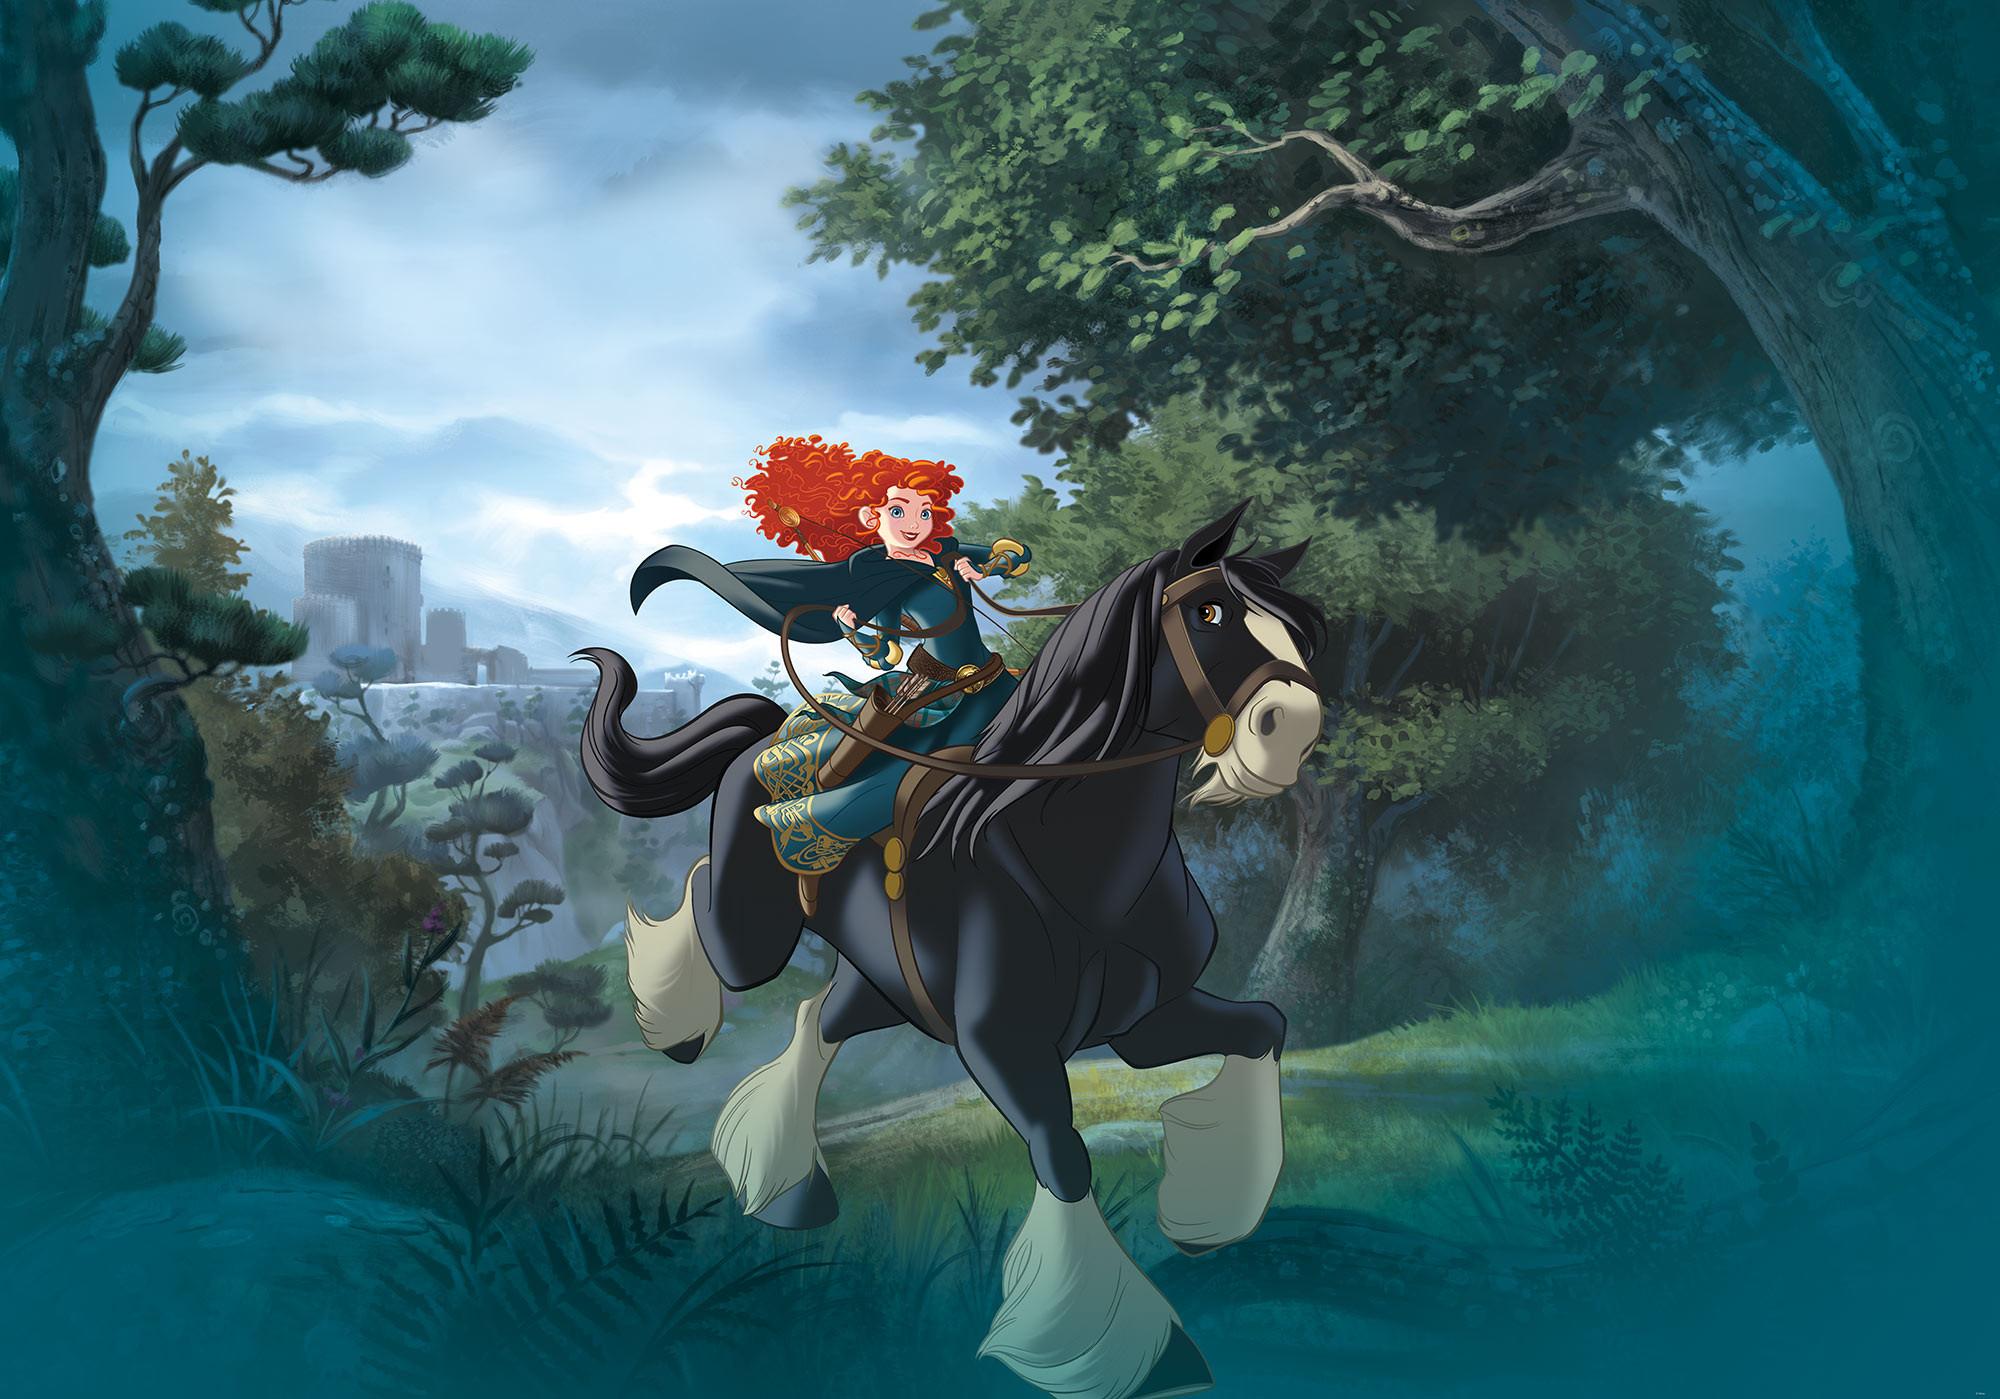 Merida Riding